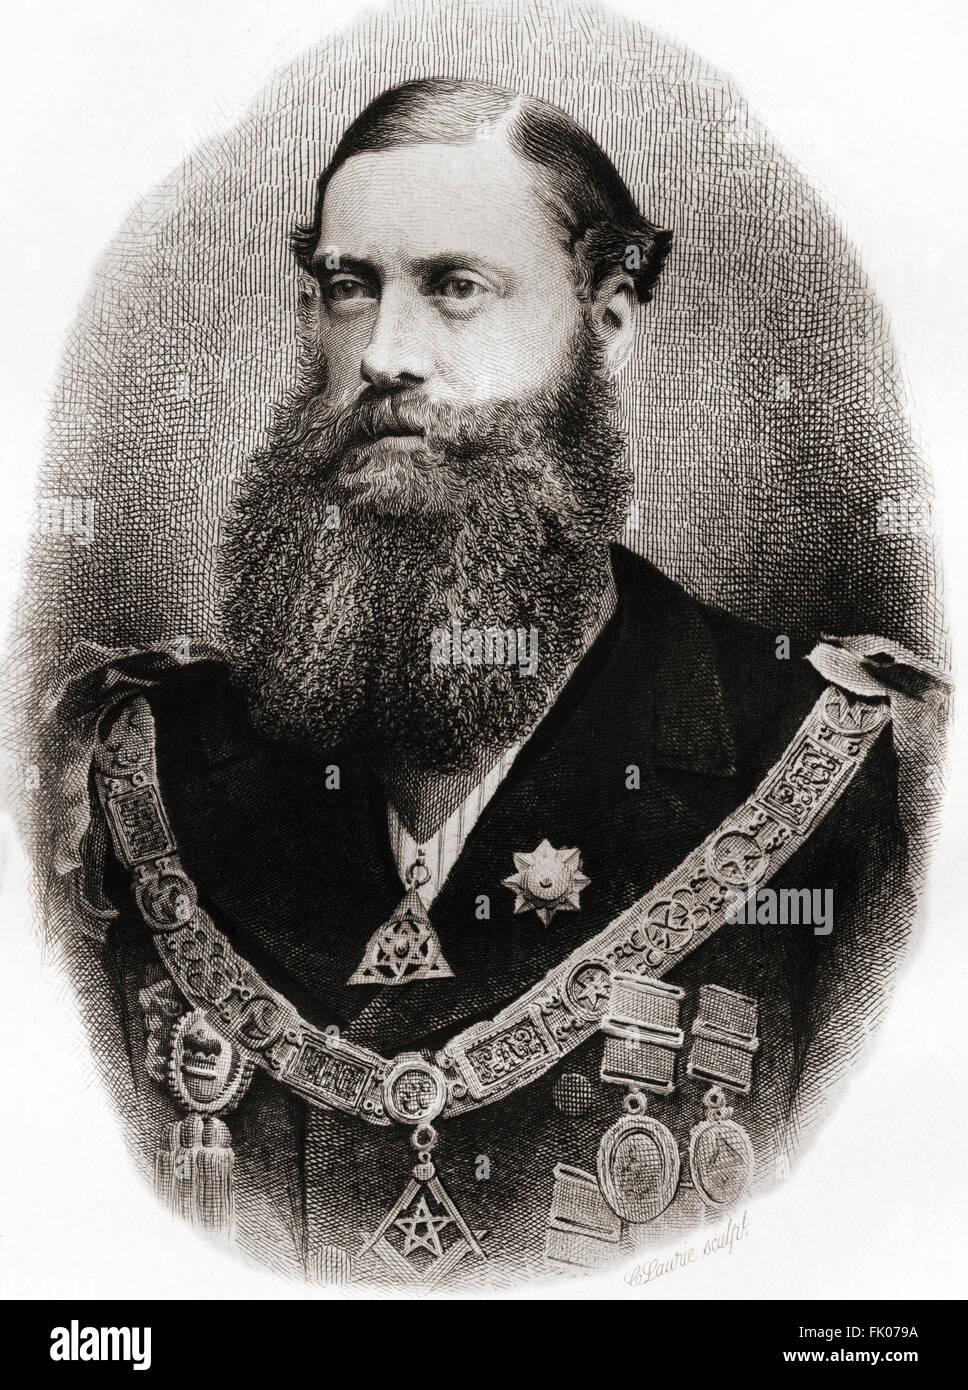 Edward Bootle-Wilbraham, 1. Earl of Lathom, 1837-1898, aka The Lord Skelmersdale zwischen 1853 und 1880.  Britischer Stockbild